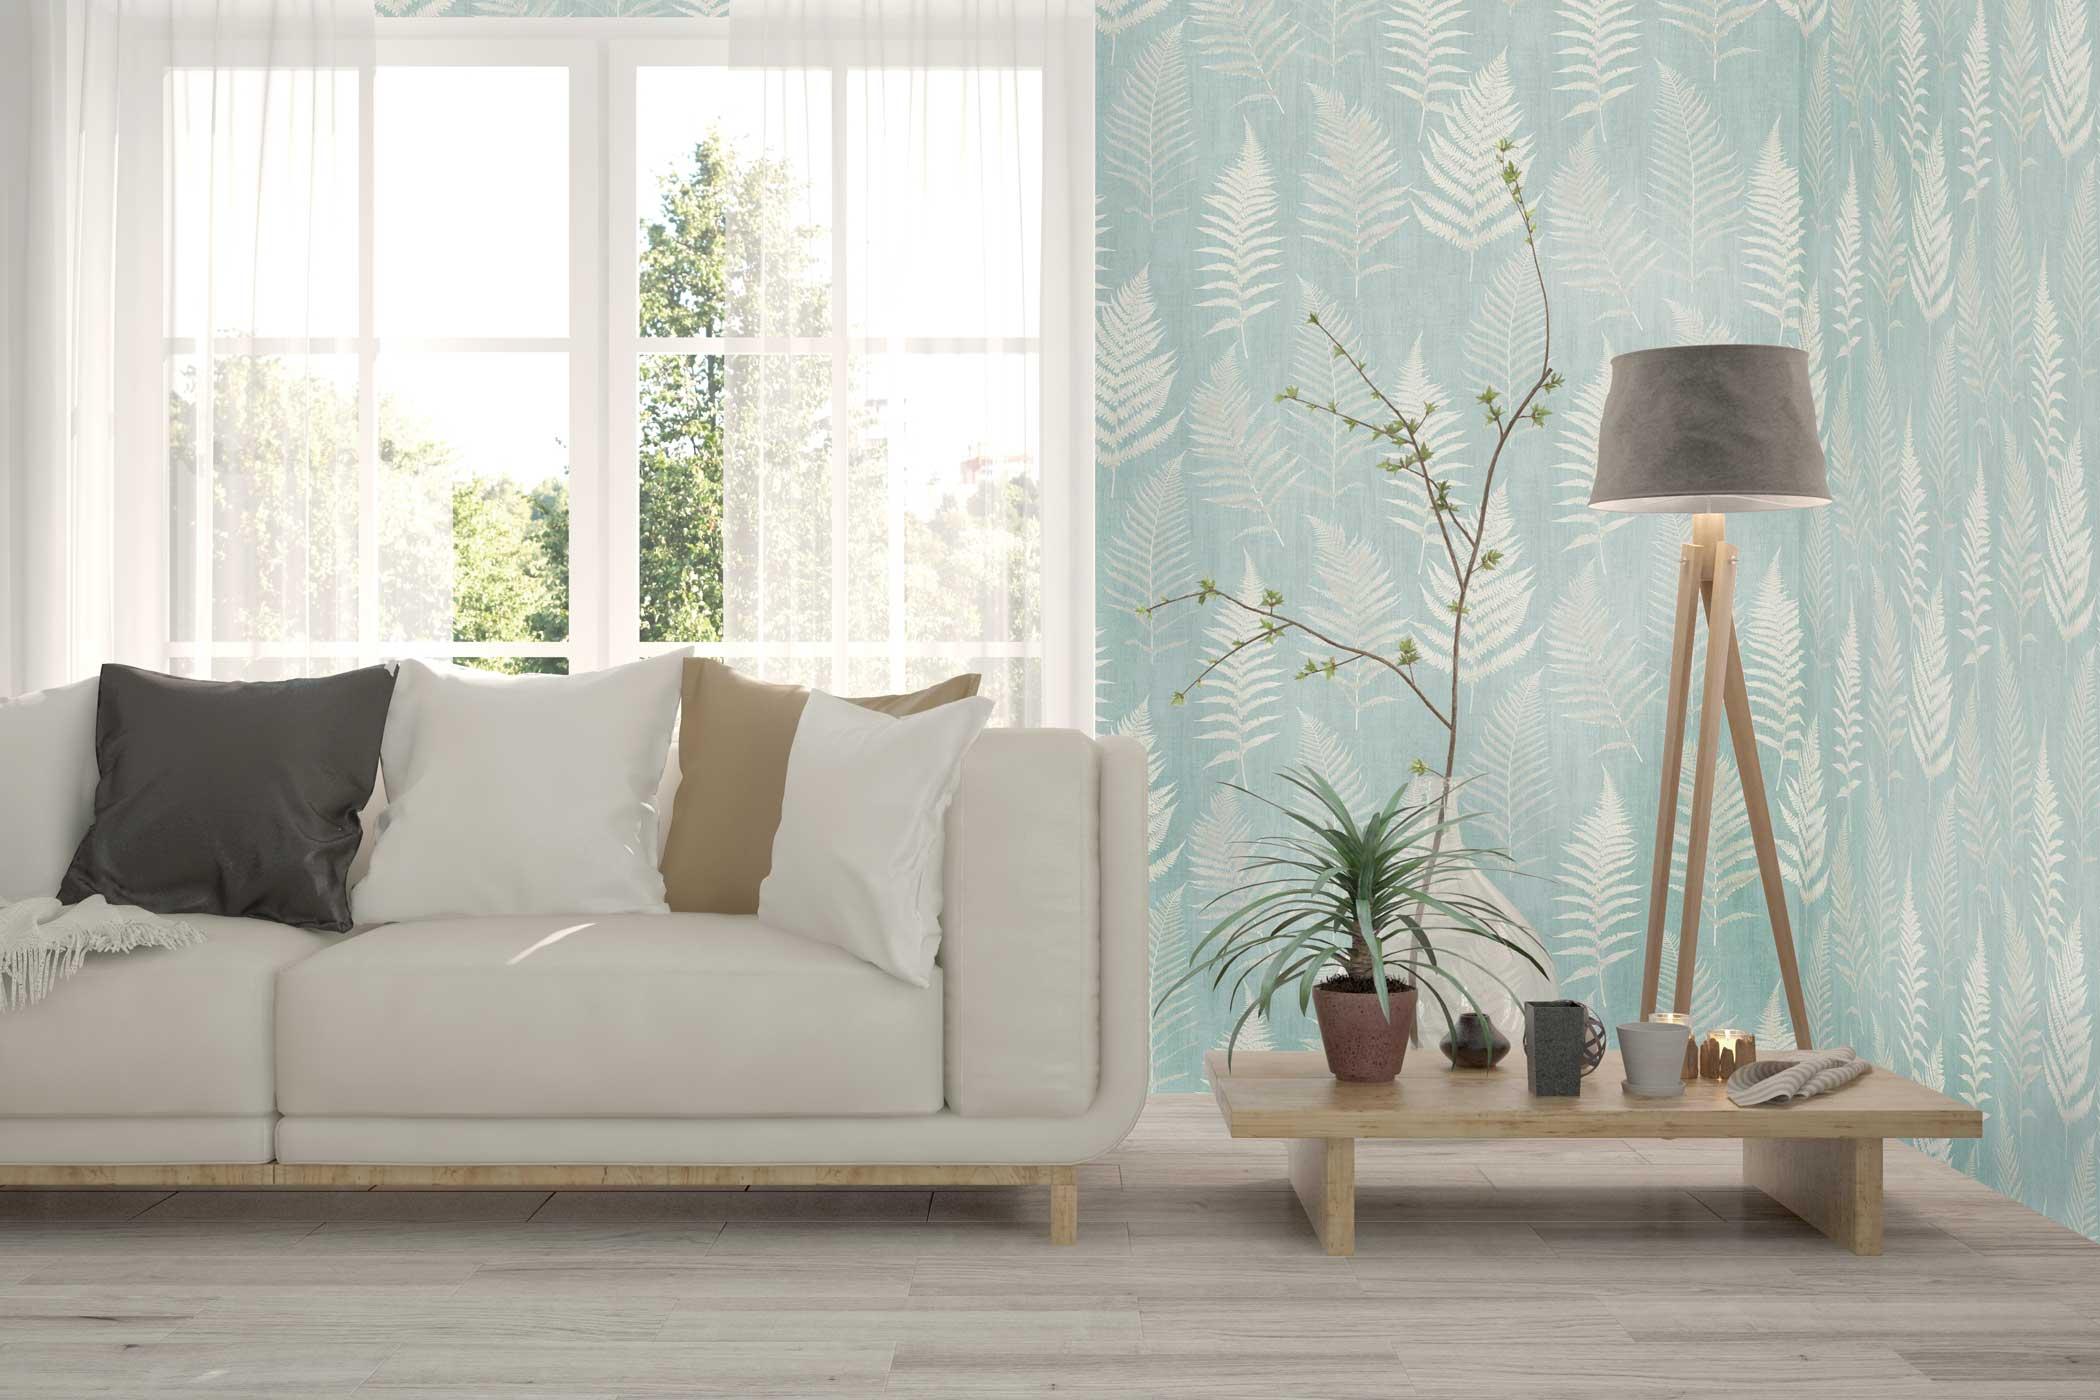 Papier Peint Deco Marine nos 4 idées déco pour moderniser son intérieur avec du